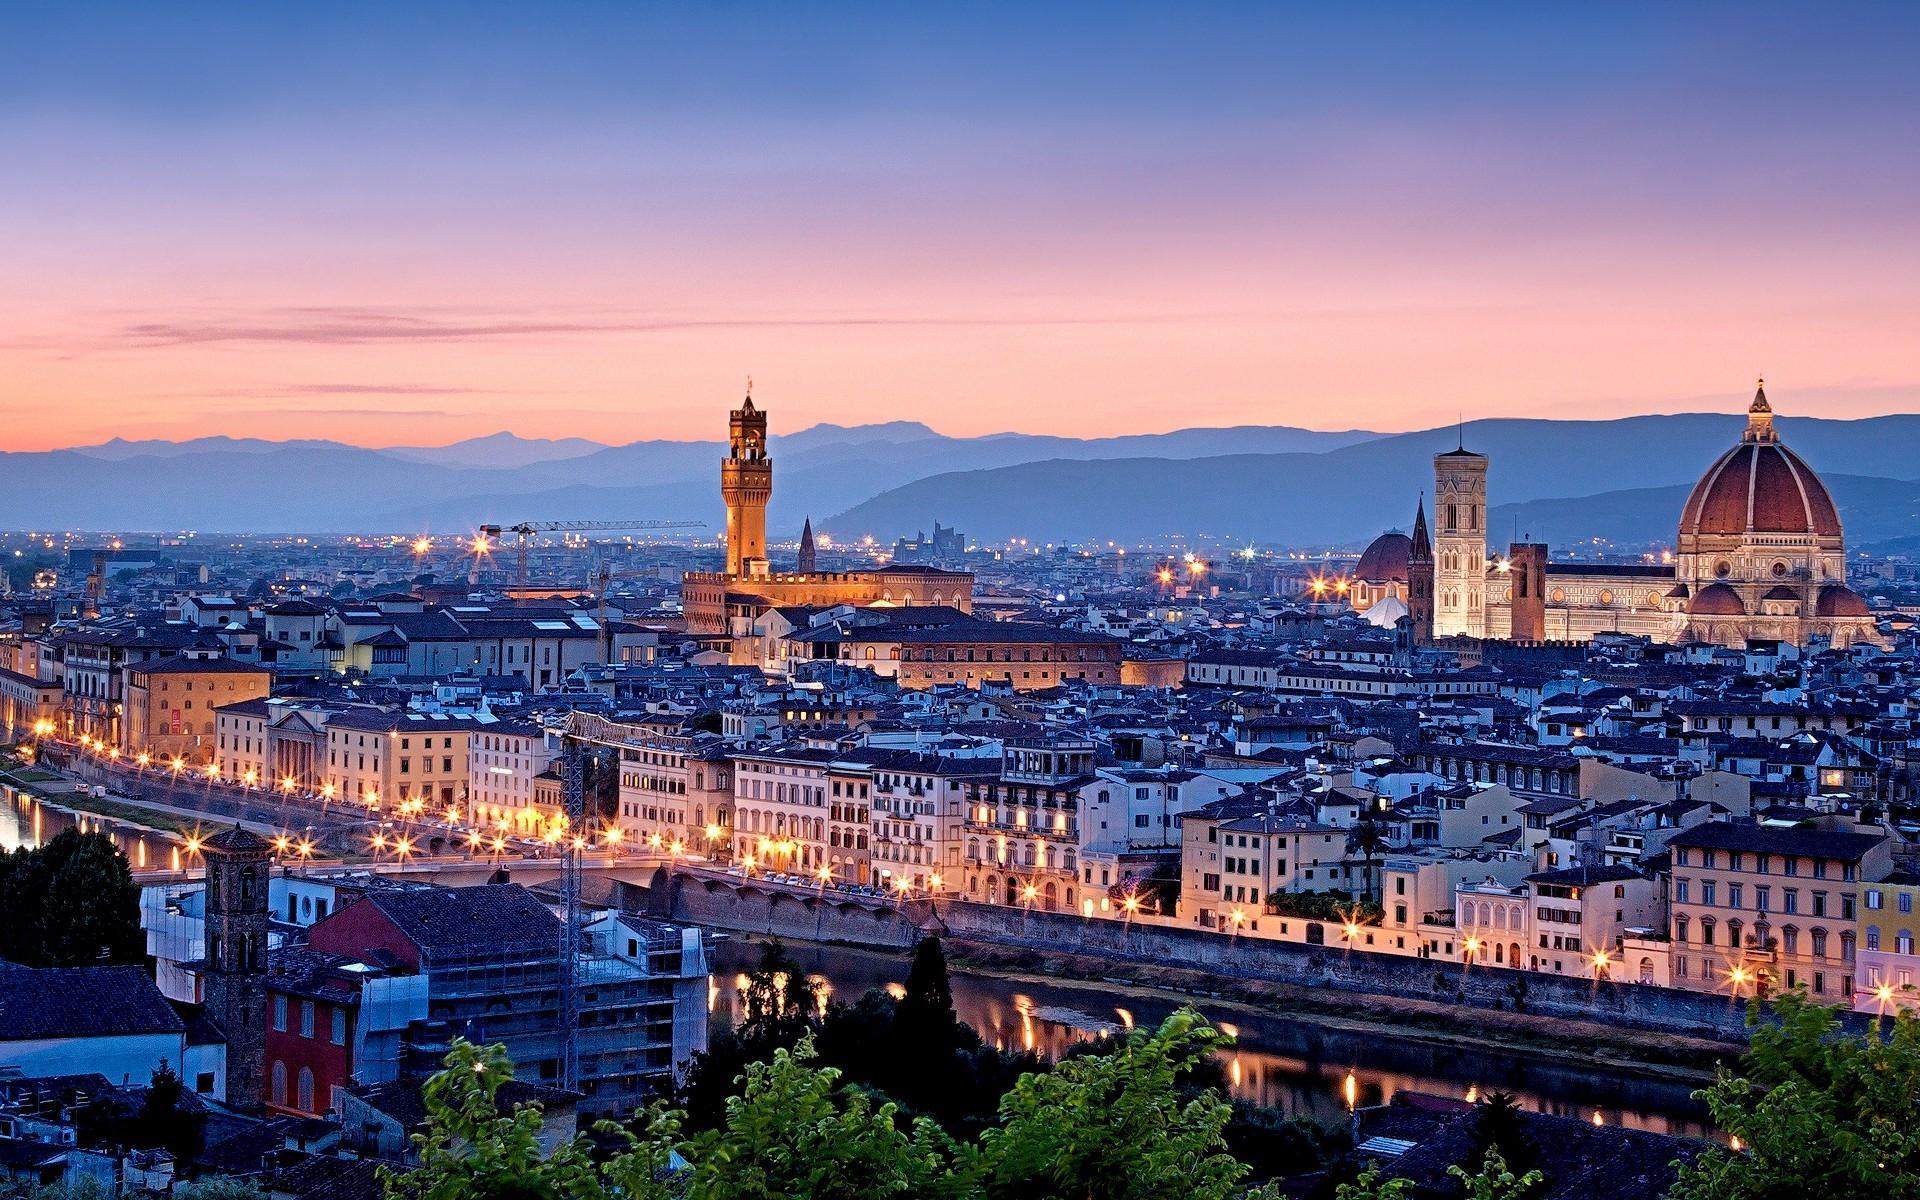 Previsioni meteo Toscana, Firenze: maltempo e  nevicate